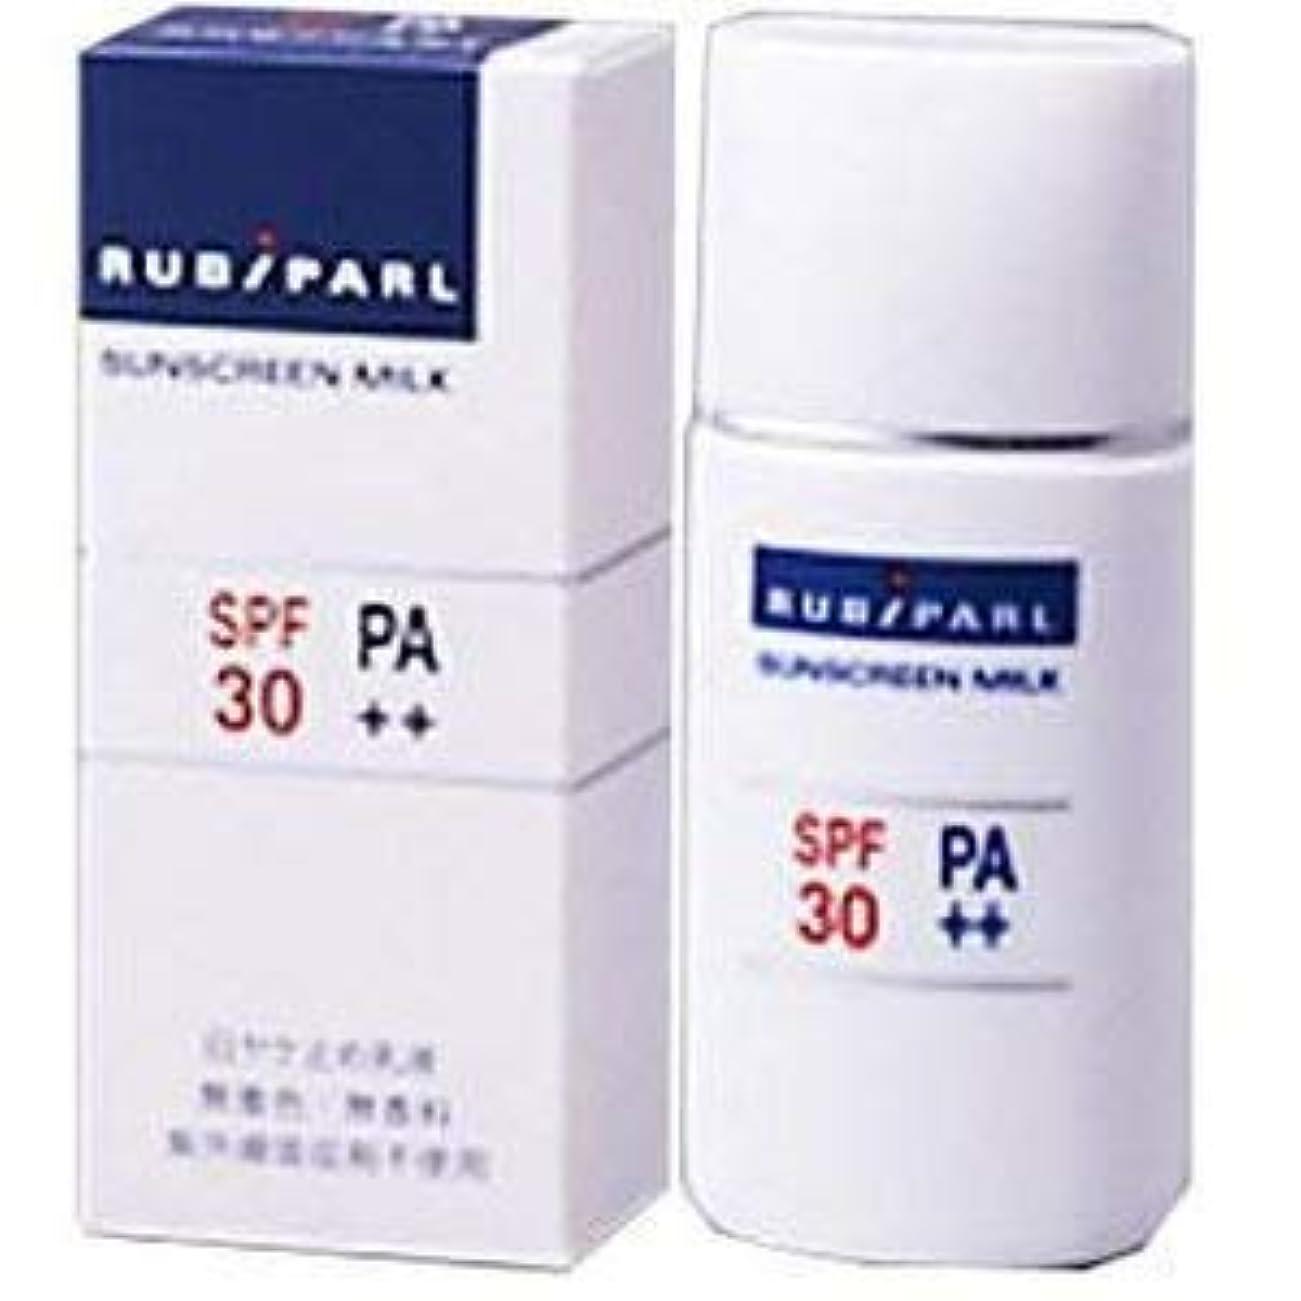 ラベンダーセーター新聞ルビパール サンスクリーンミルク 日ヤケ止め乳液 SPF30 PA++ 30mLx3個セット